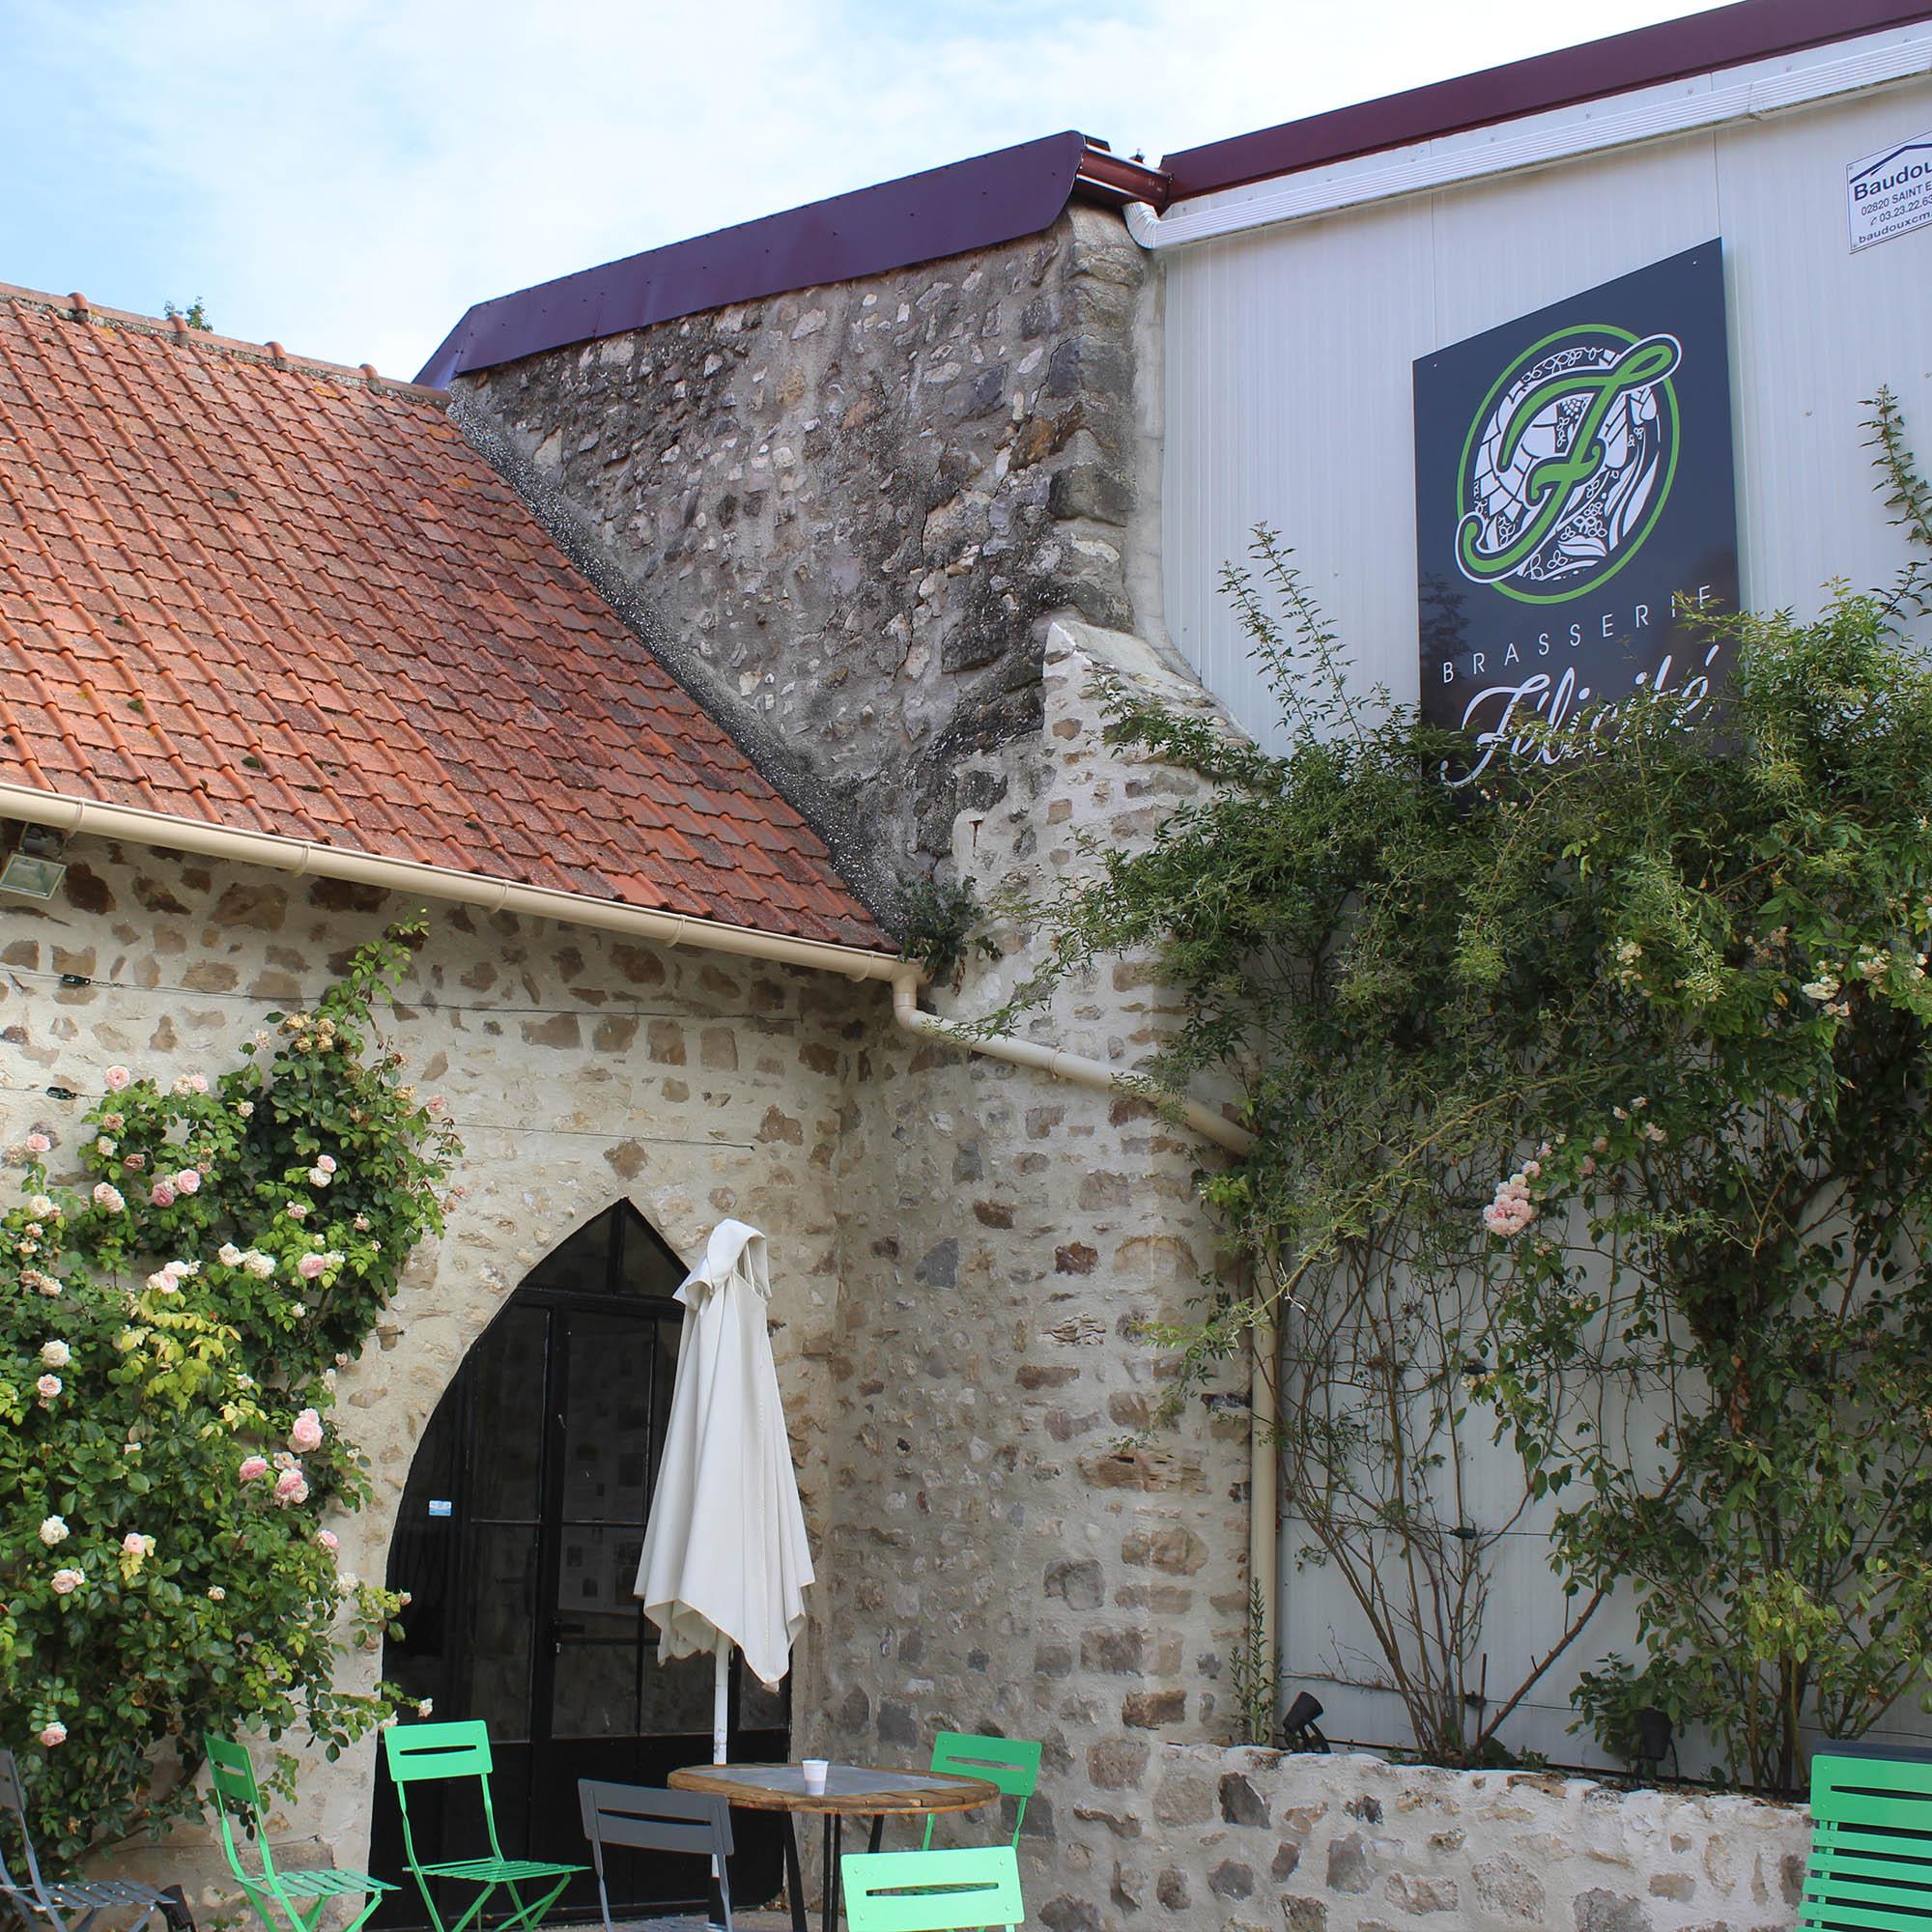 brasserie_félicité_Montagny-Sainte-Félicité_gîte_saint_germain_oise_versignya